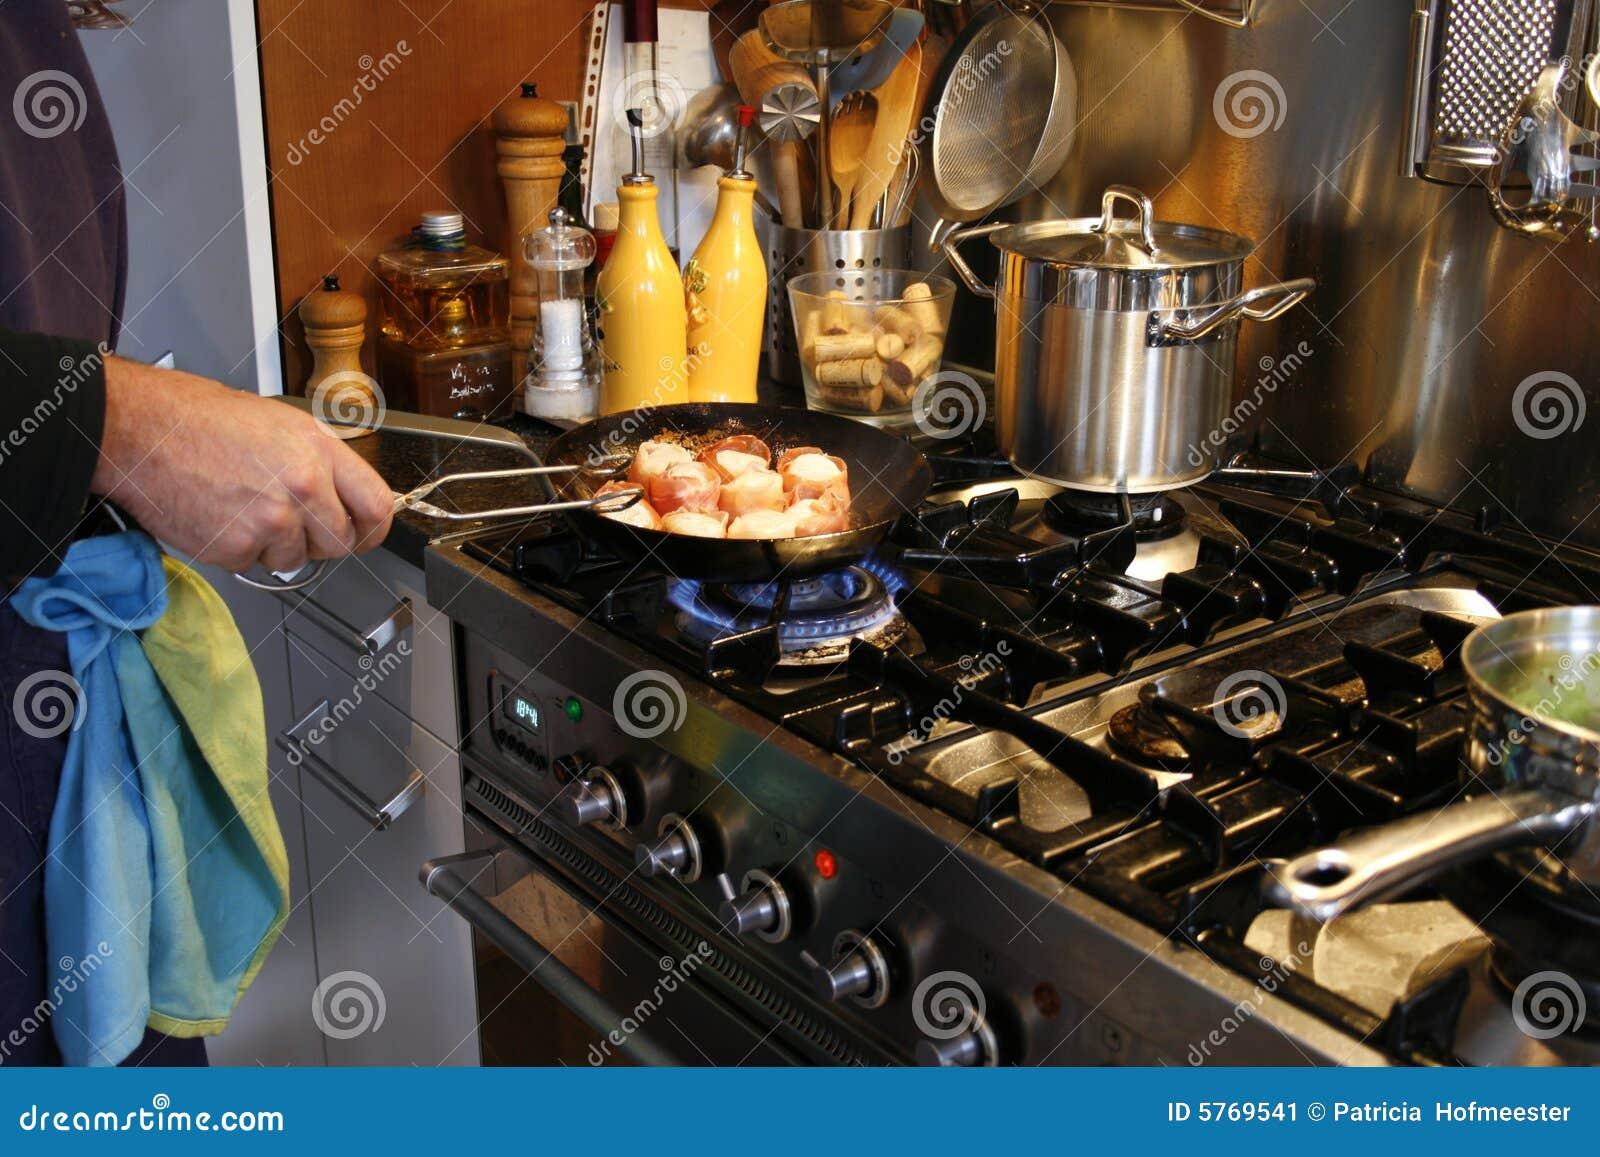 Cocinar una cena gastr noma imagen de archivo imagen for Cenas sin cocinar